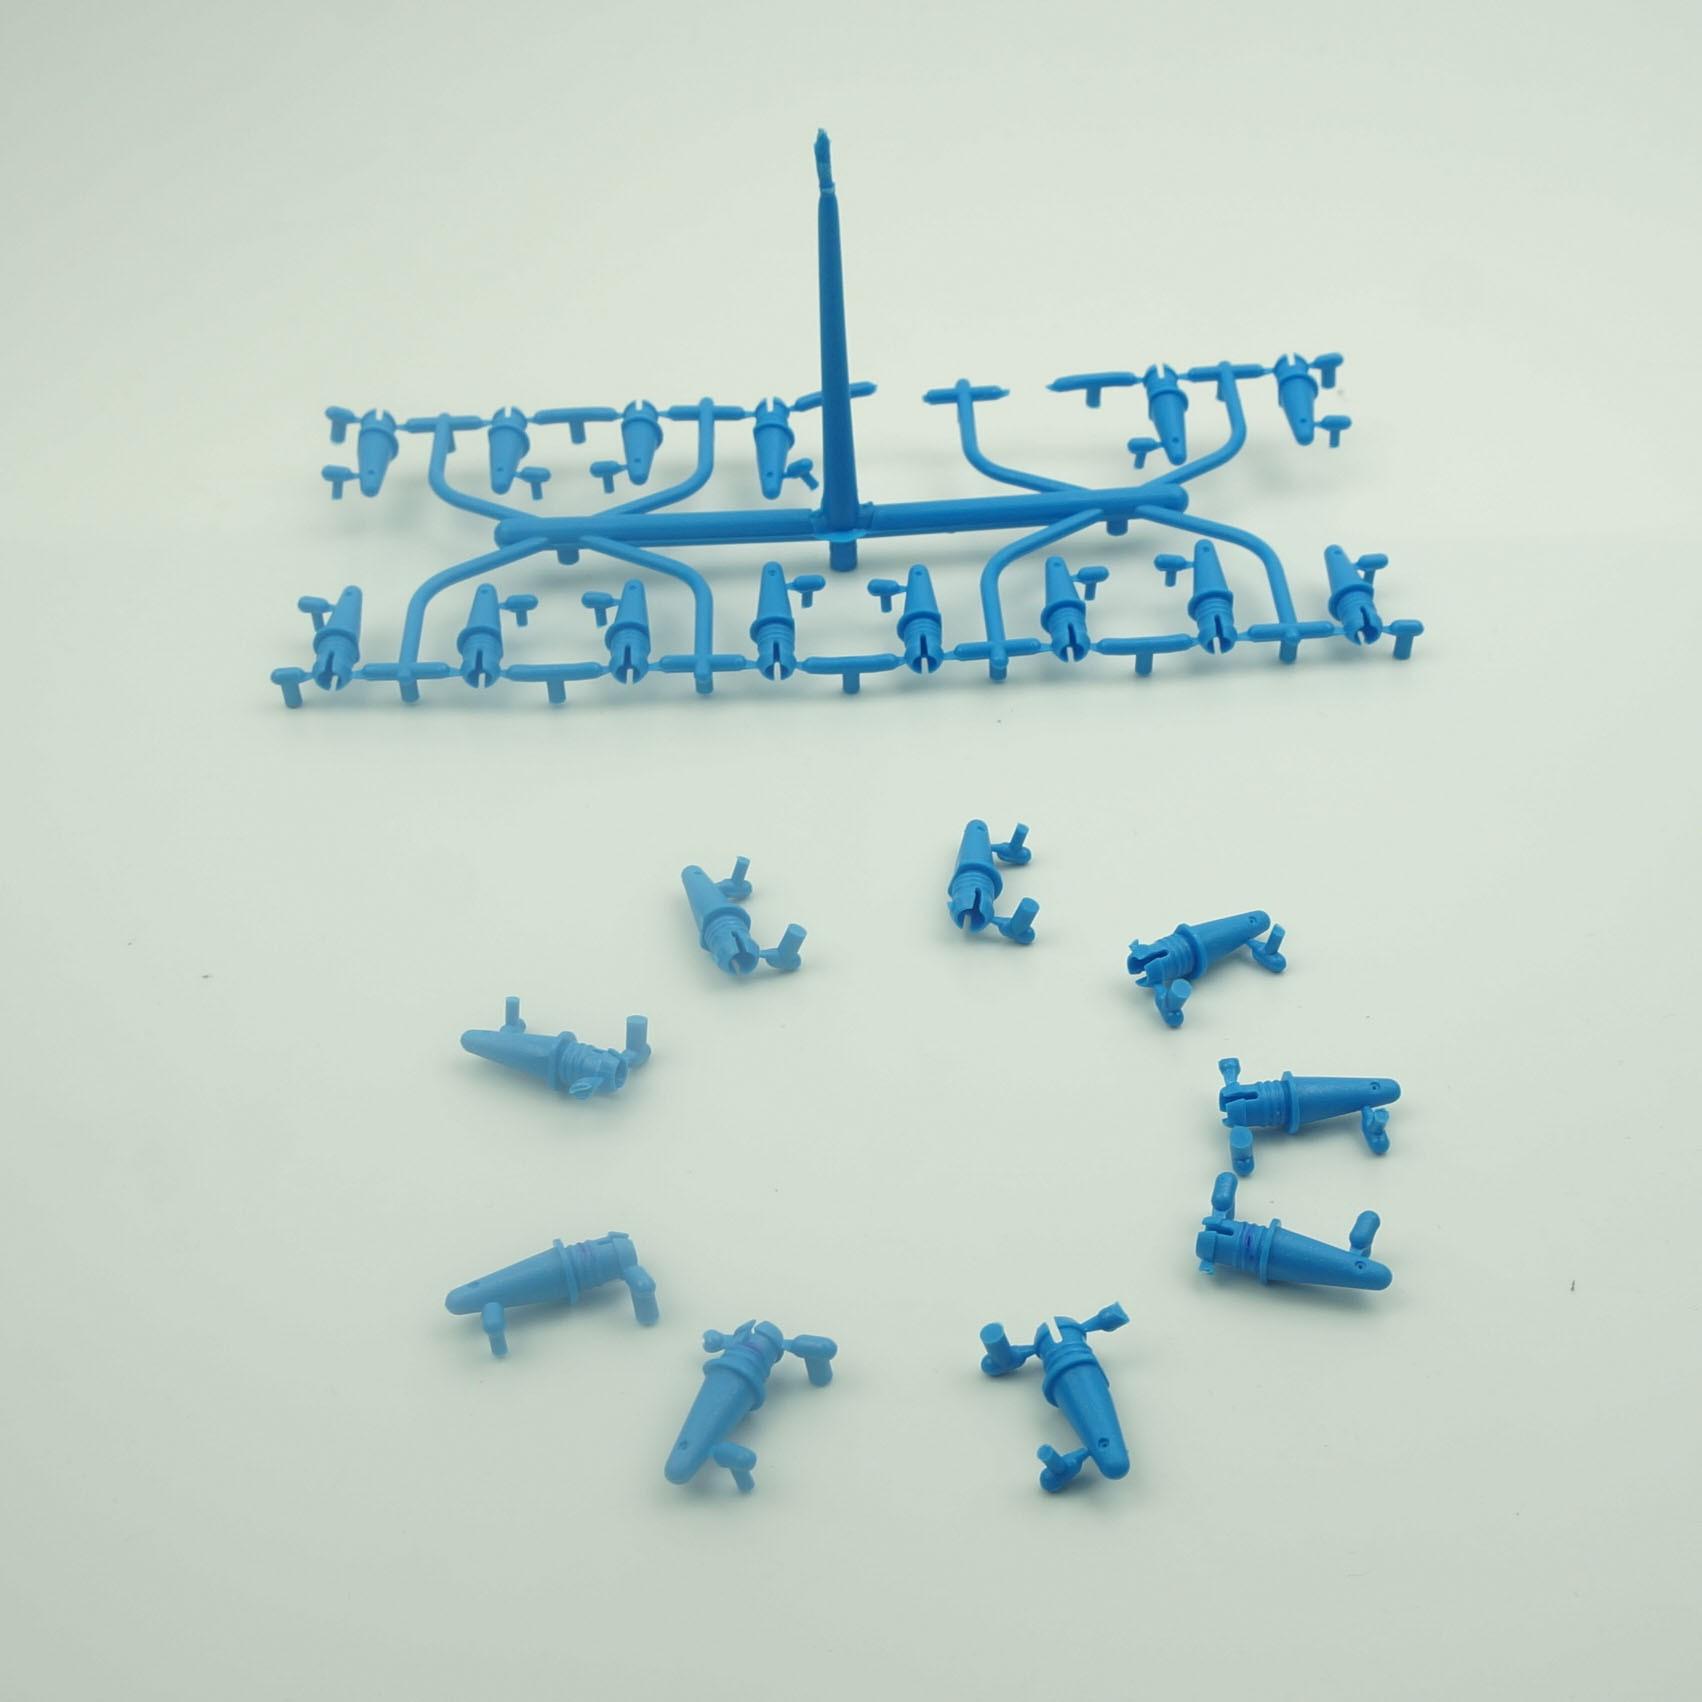 פלסטיק תעשיה תבניות מוצרים בסין